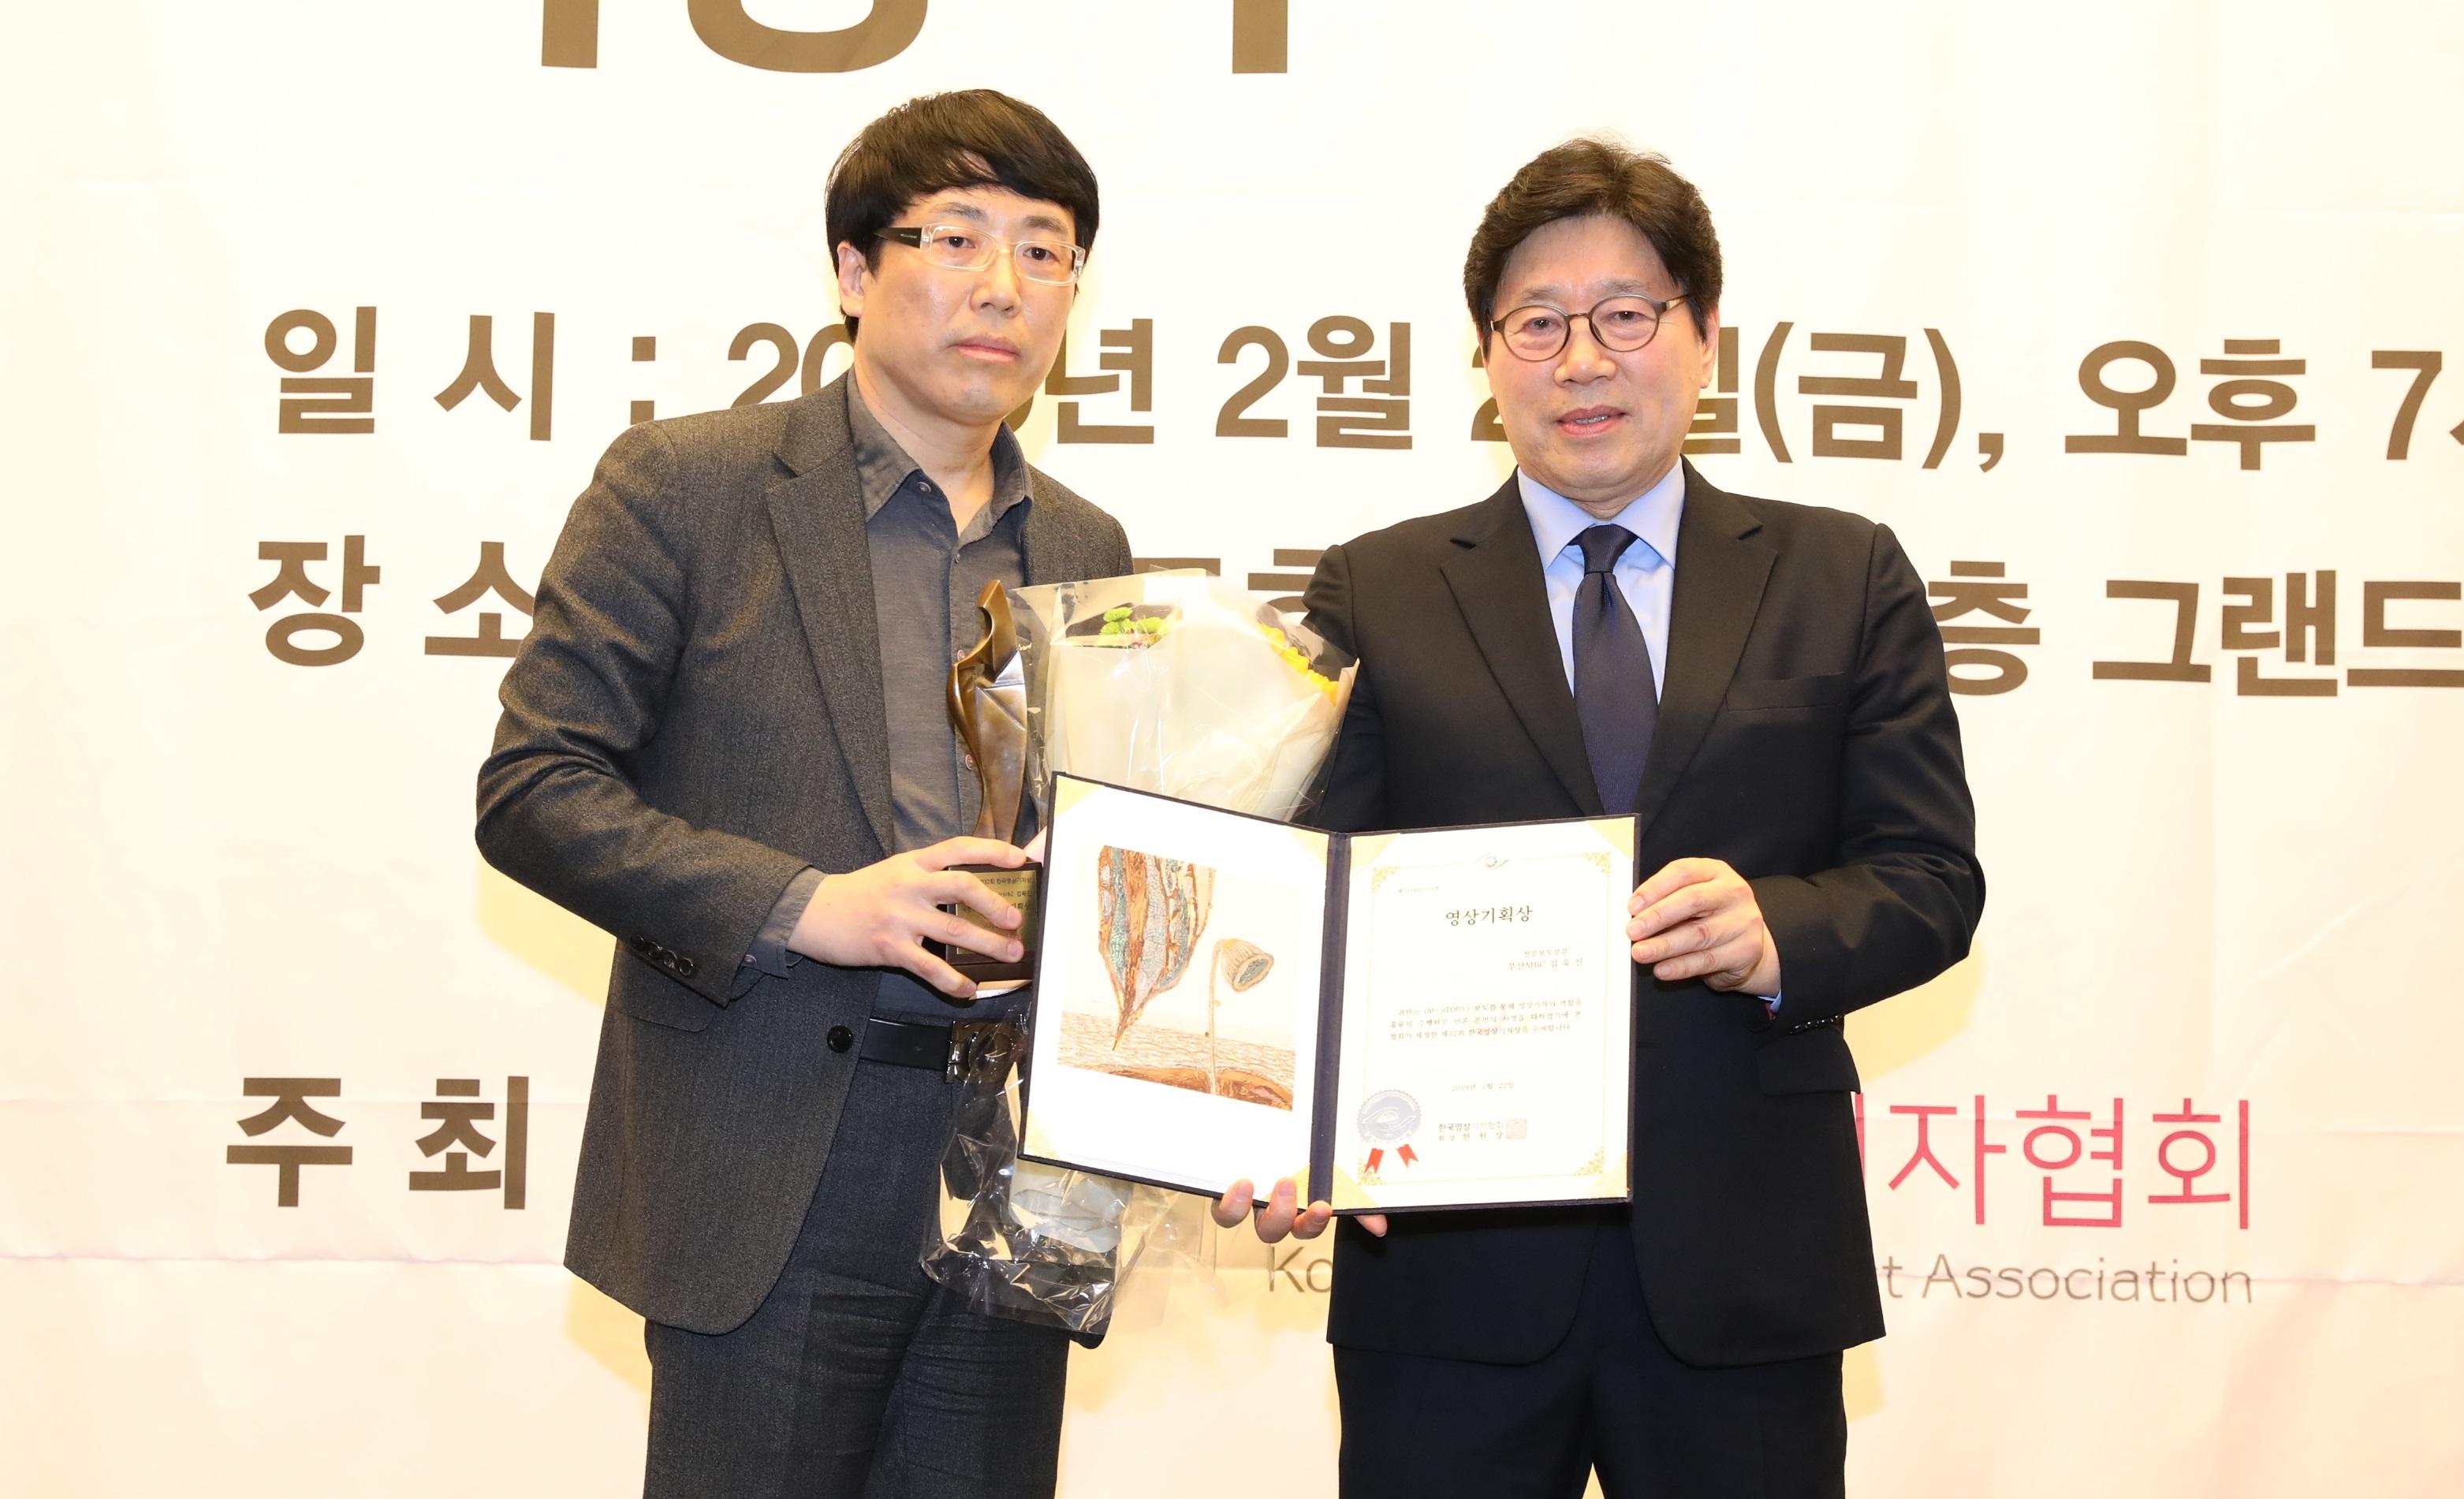 5.전문보도부문 영상기획 부산MBC 김욱진.jpg